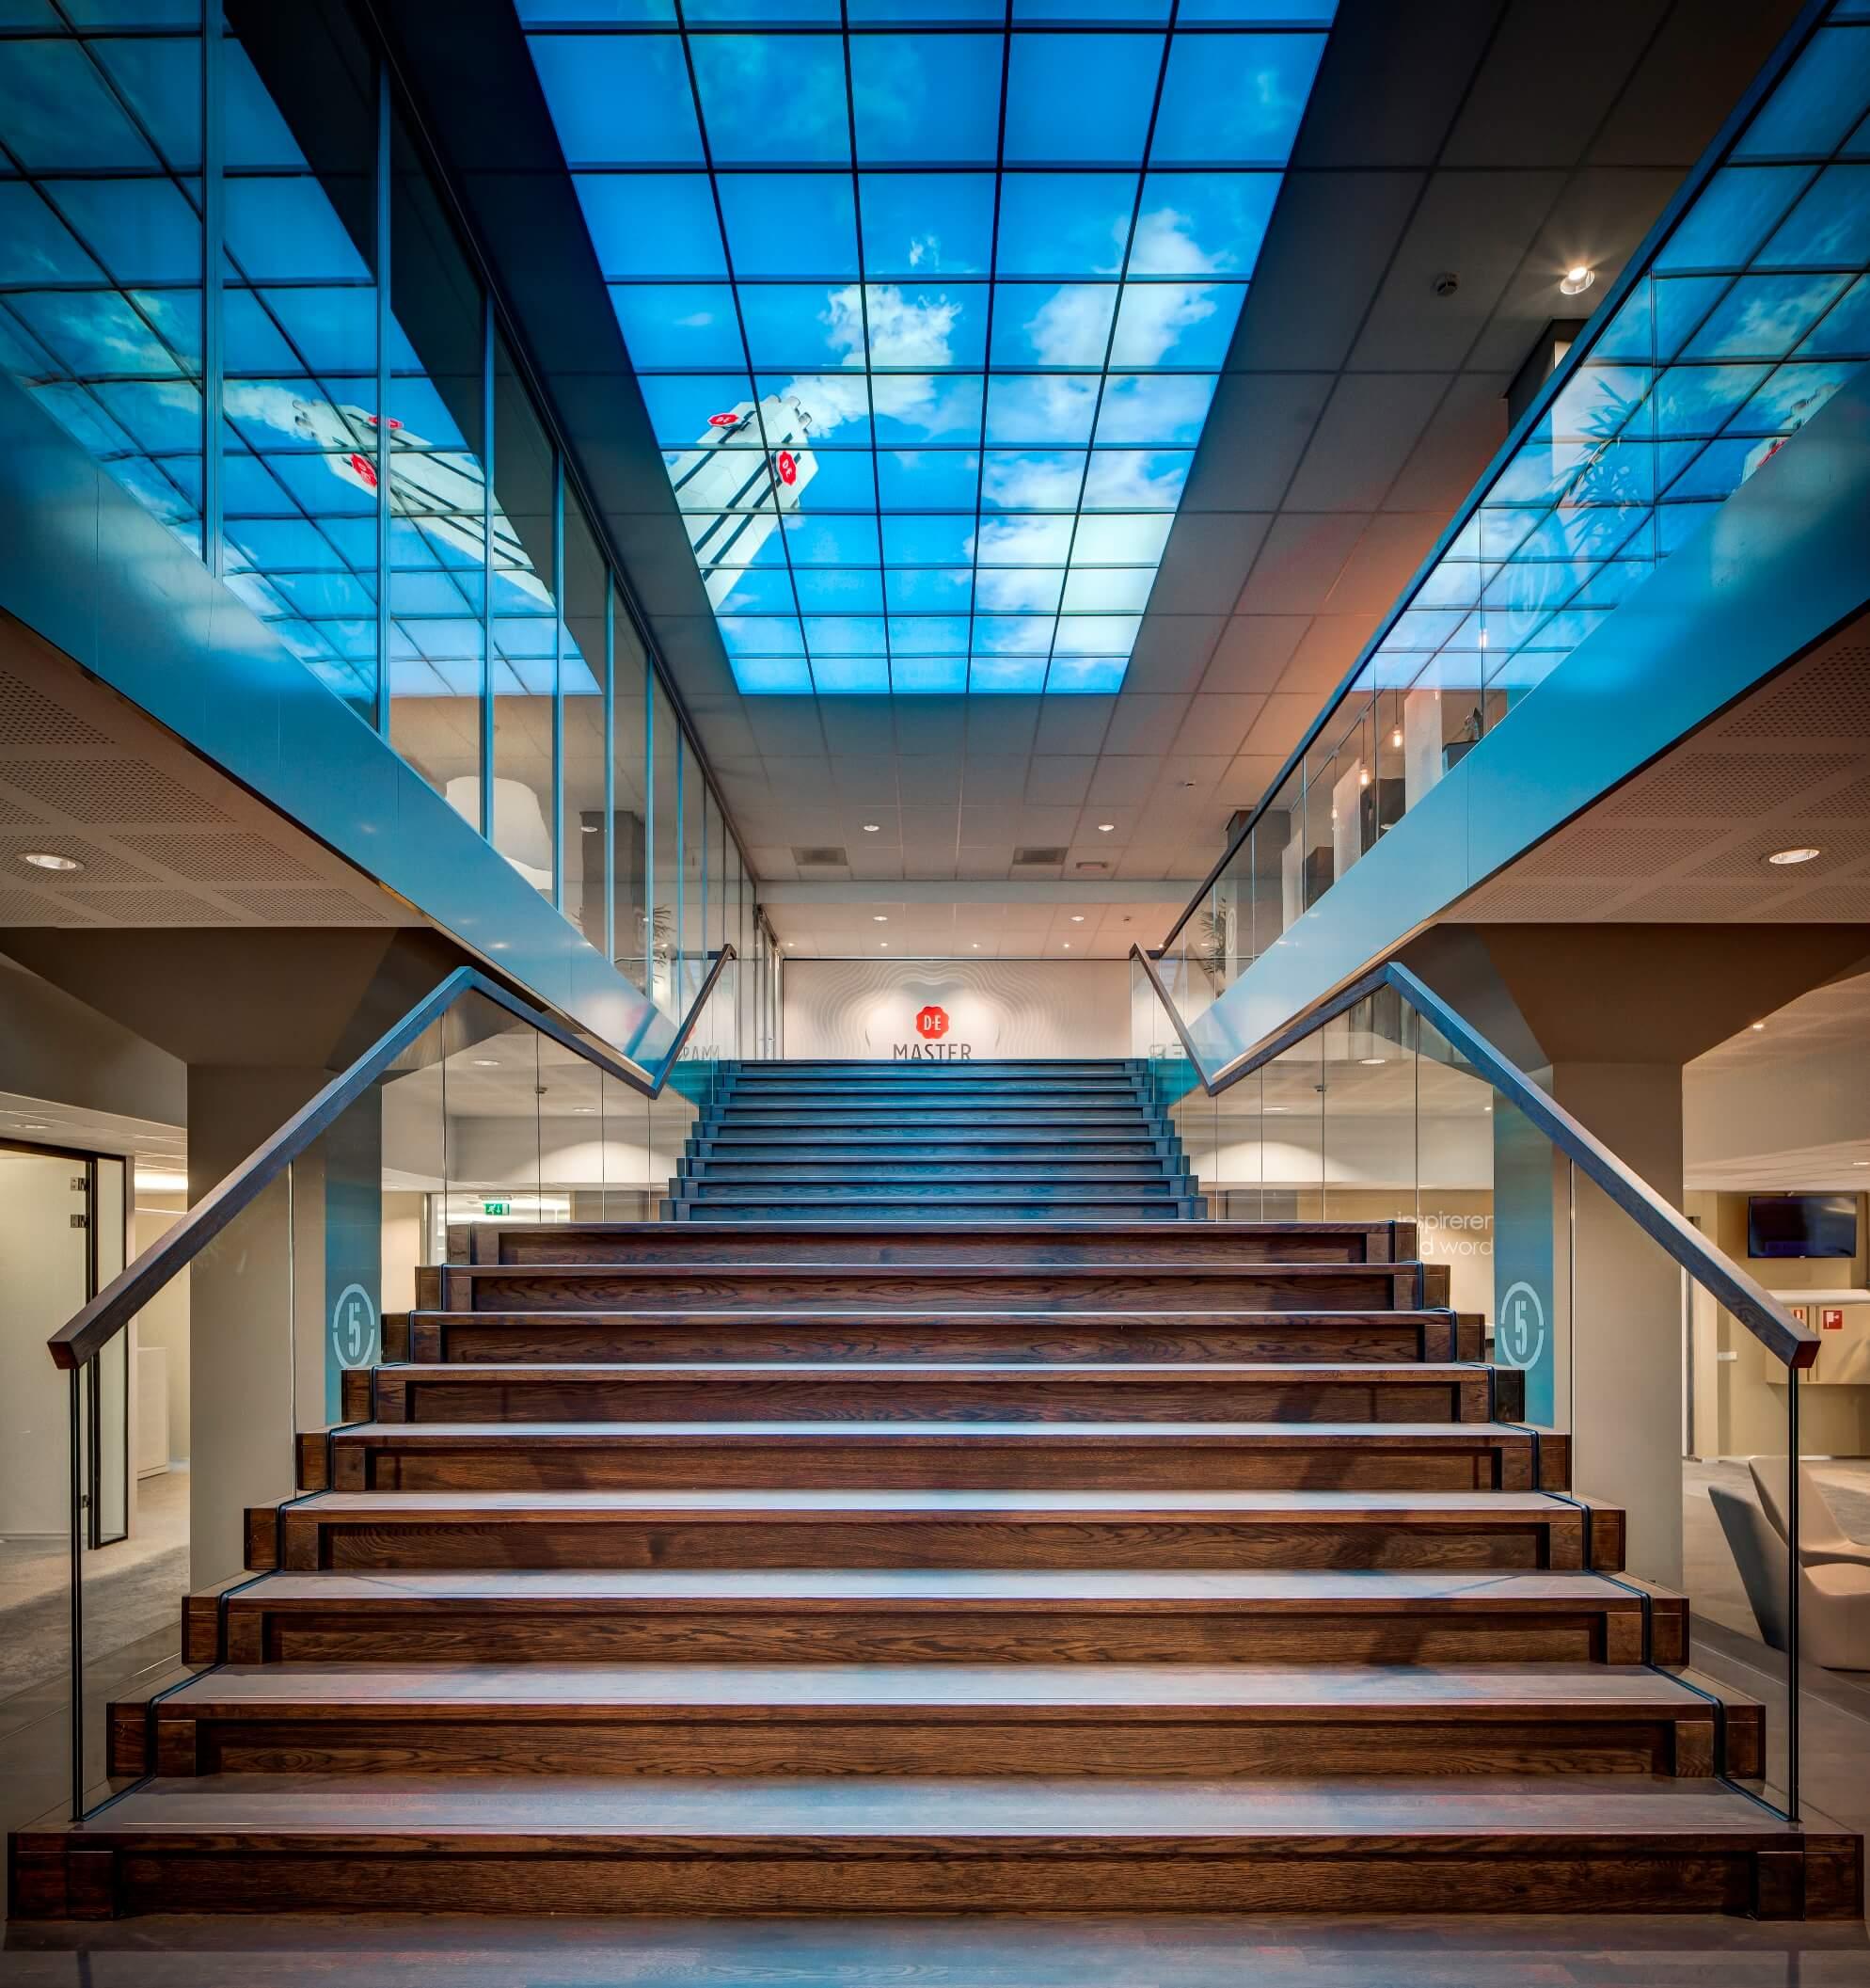 OpenCeilings: LED Skyceilings